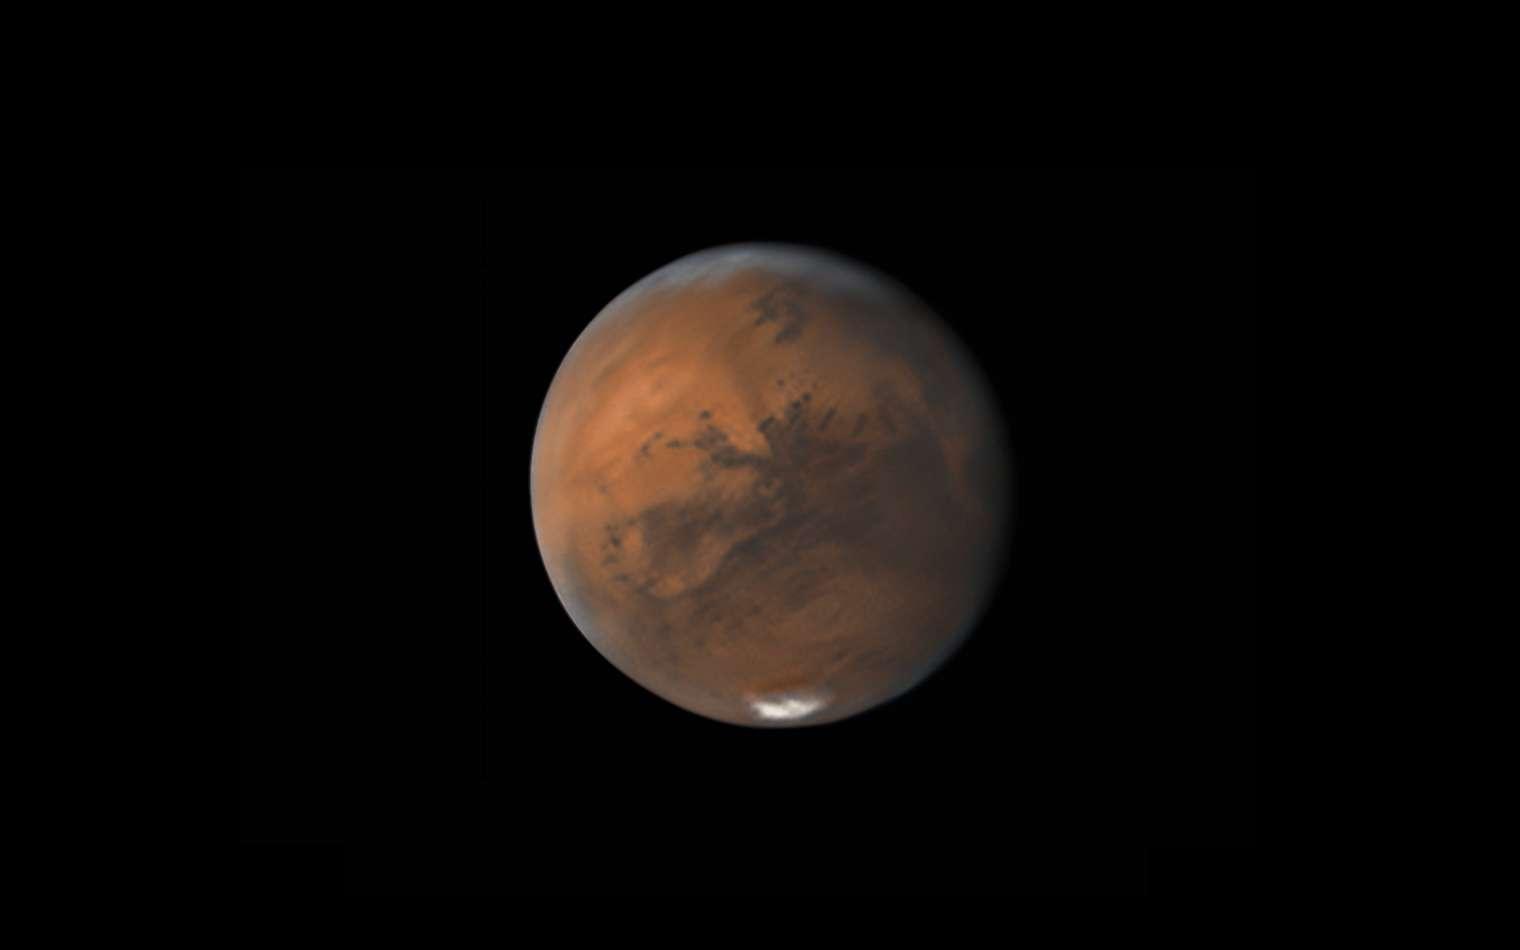 Mars, le 22 septembre, photographiée par Damian Peach. Sa taille apparente était alors de son maximum pour le cru 2020. Le Soleil, la Terre et la Planète rouge seront alignés le 13 octobre prochain. © Apod, Nasa